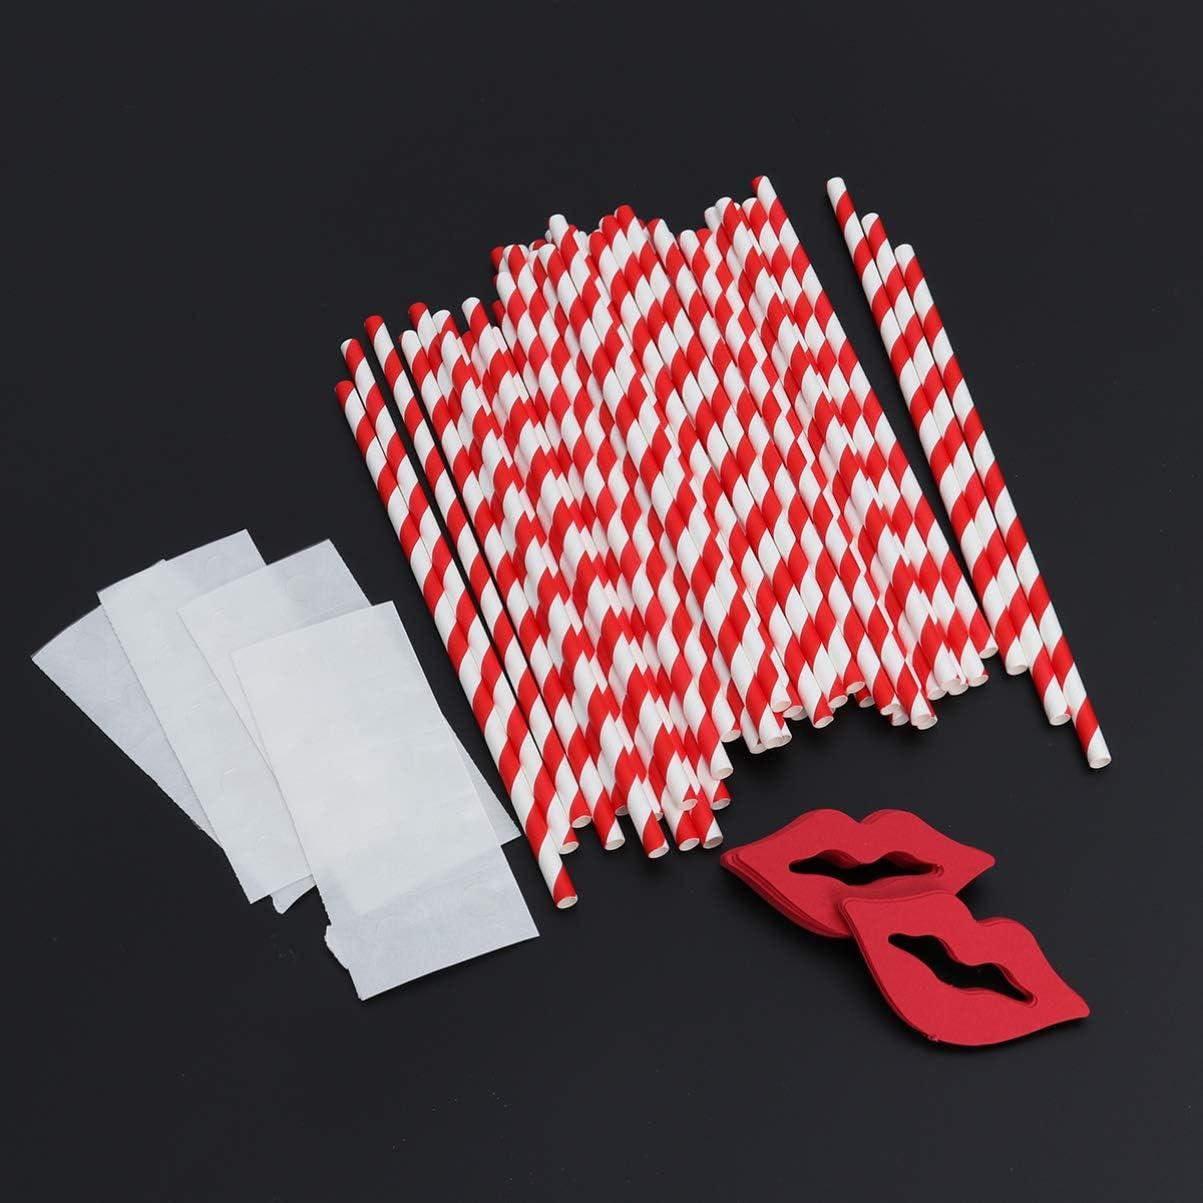 Paty Deko anniversaire Toyvian Lot de 50 pailles /à rayures rouges et blanches en papier amusant pour mariage